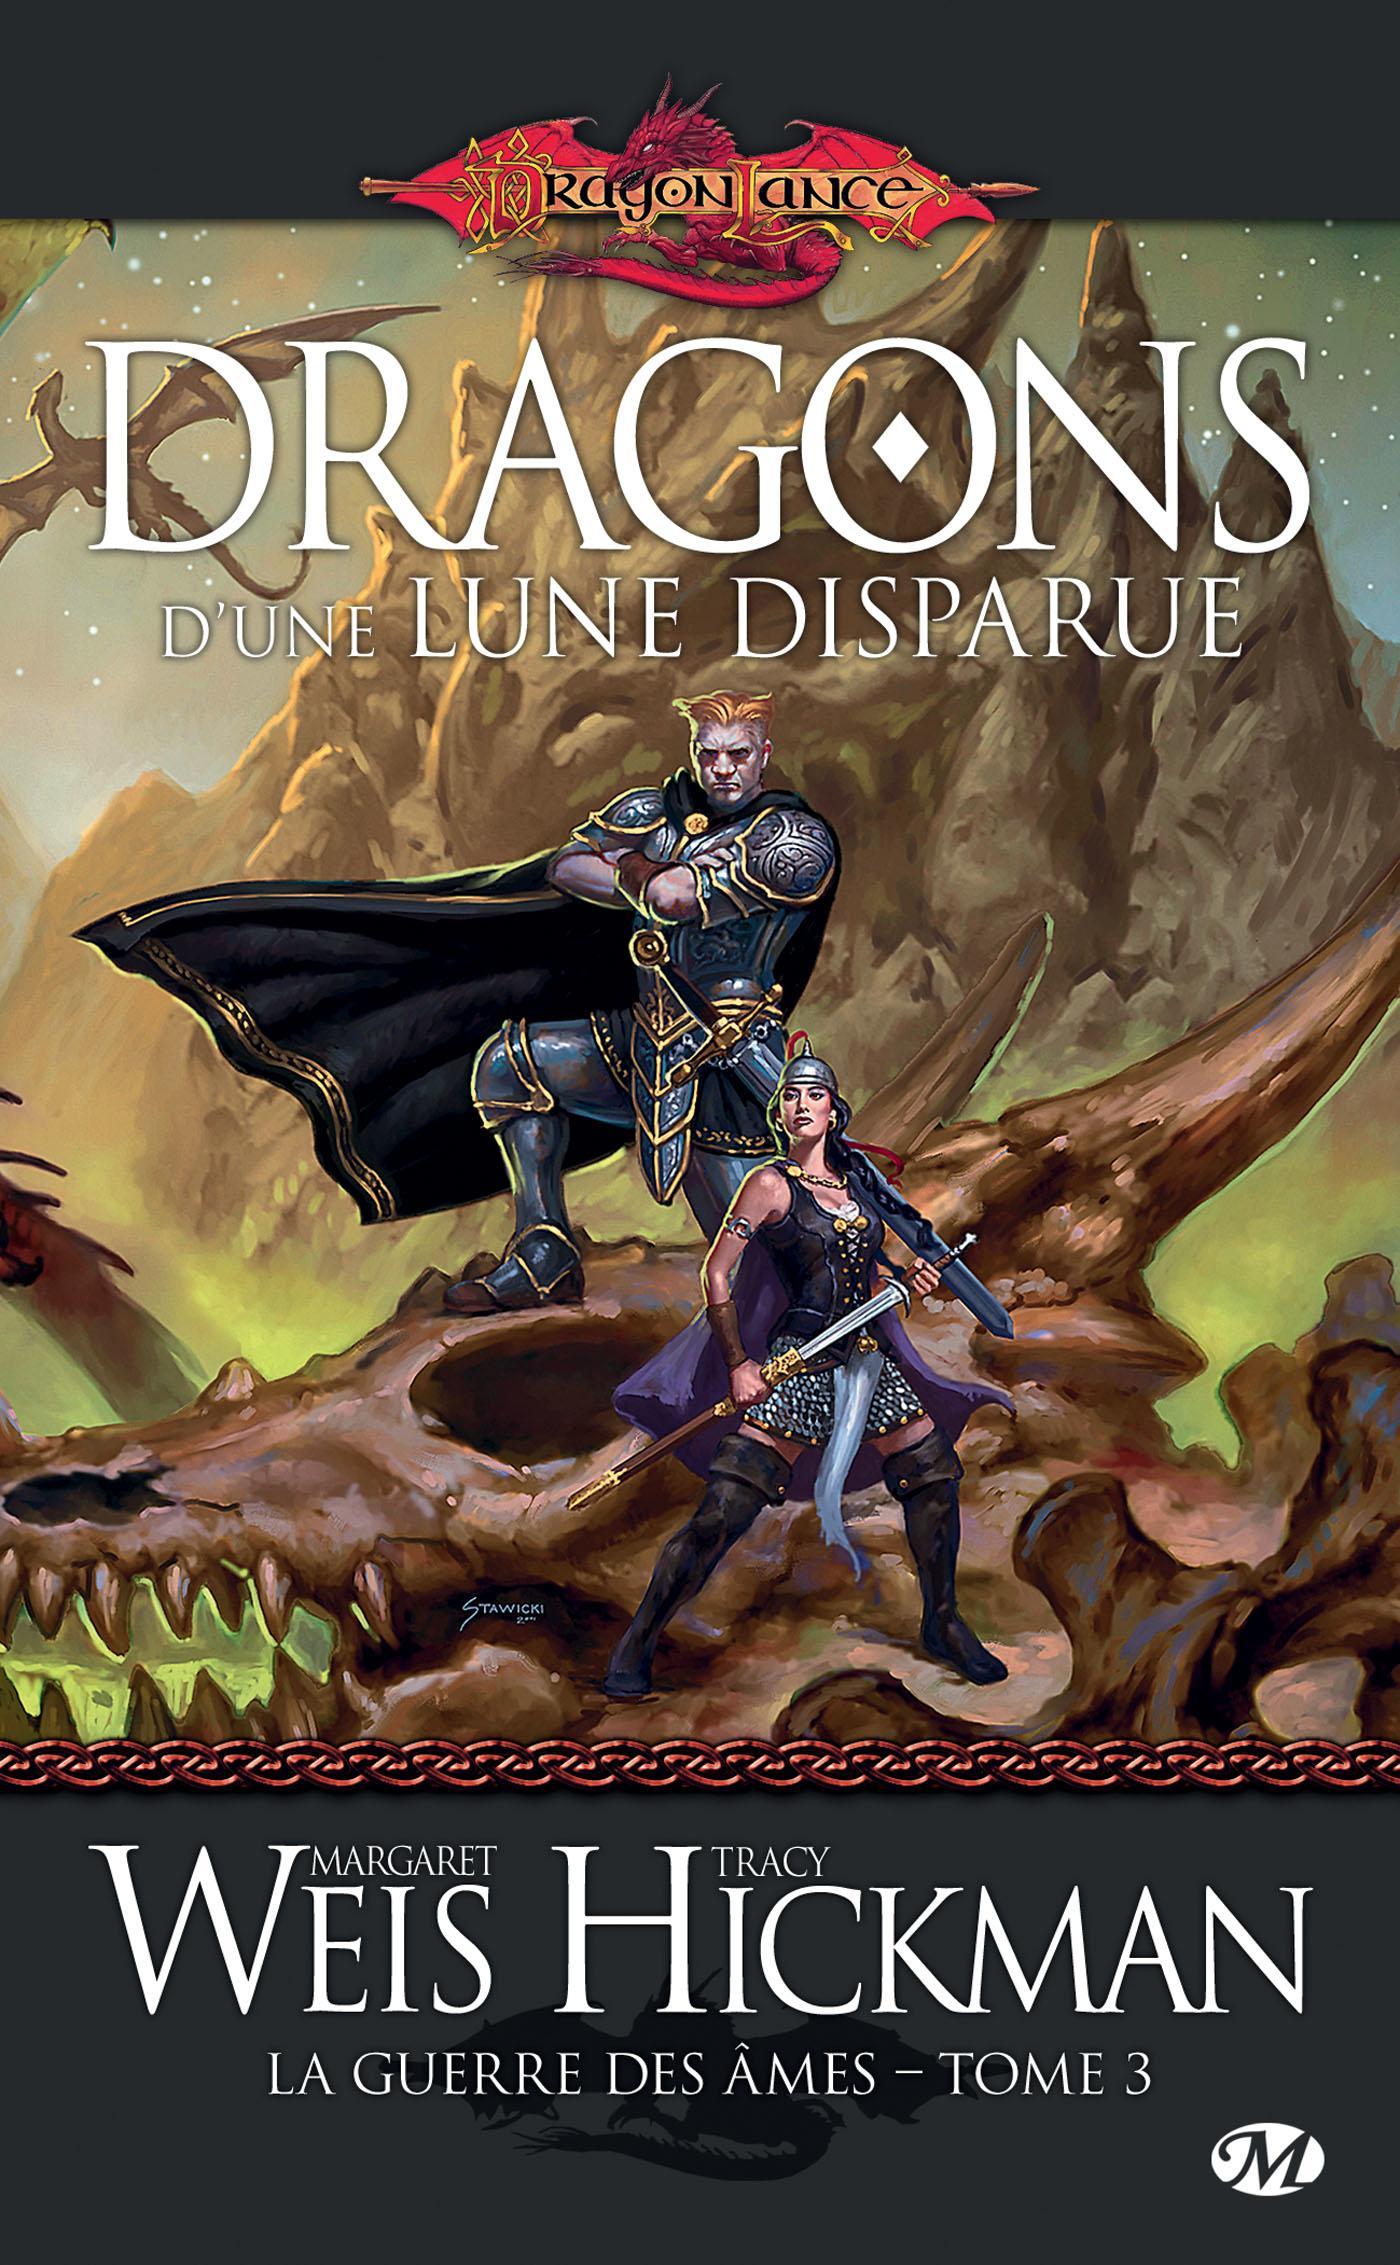 Dragons d'une lune disparue, LA GUERRE DES ÂMES, T3